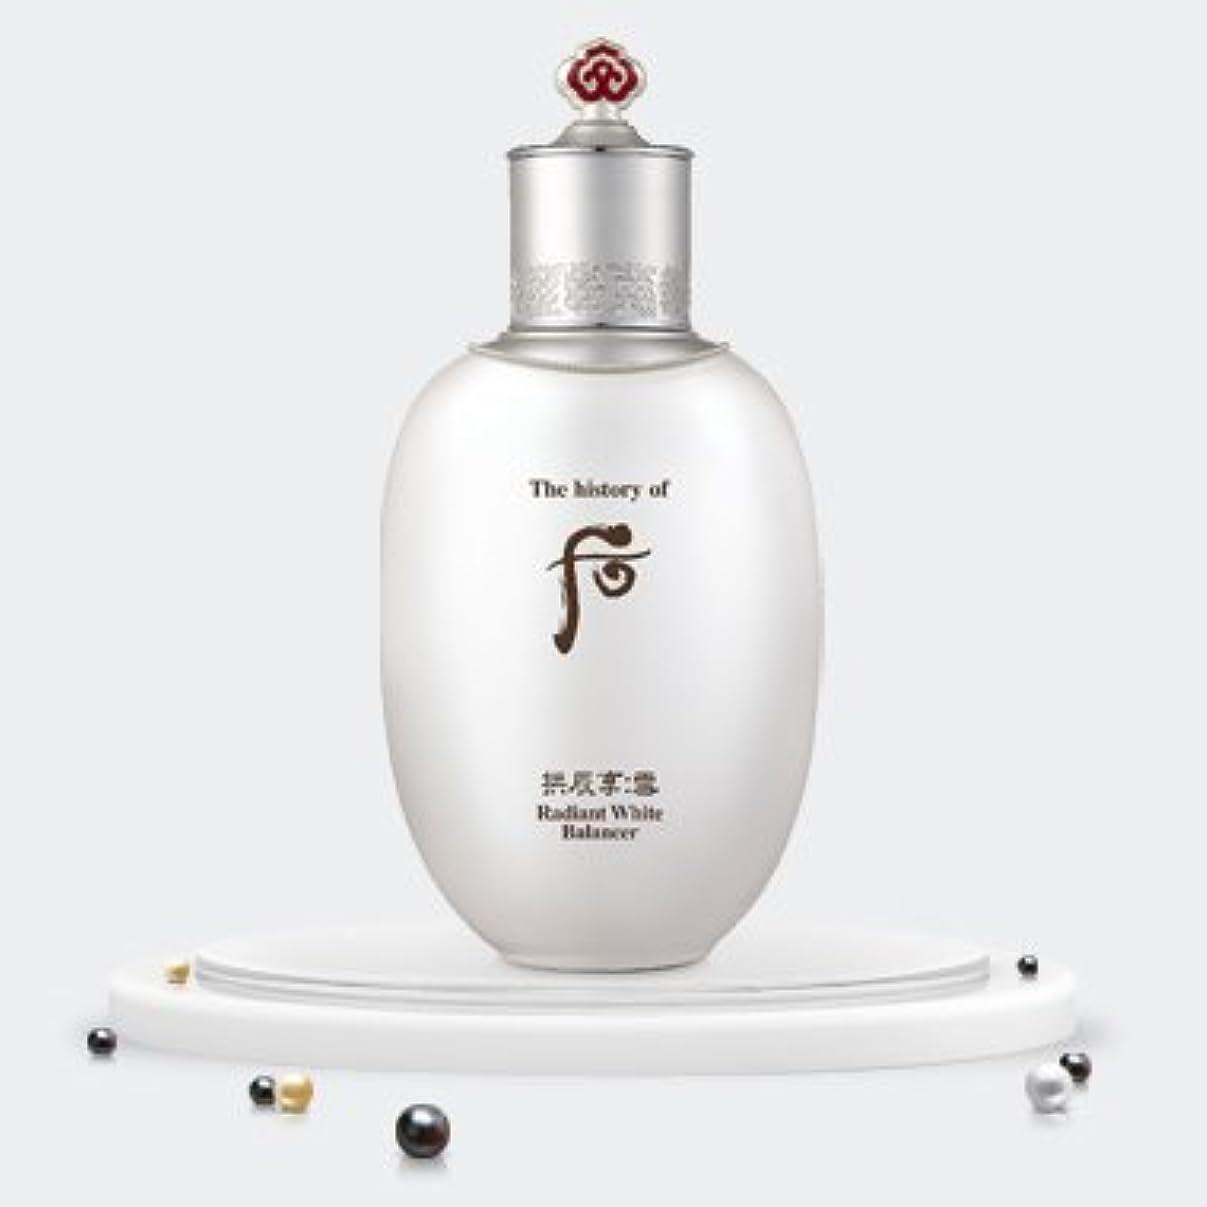 特定のラショナル究極のThe history of Whoo Gongjinhyang Seol Radiant White Balancer 150ml/ザ ヒストリー オブ フー (后) 拱辰享 雪 ラディアント ホワイト バランサー 150ml